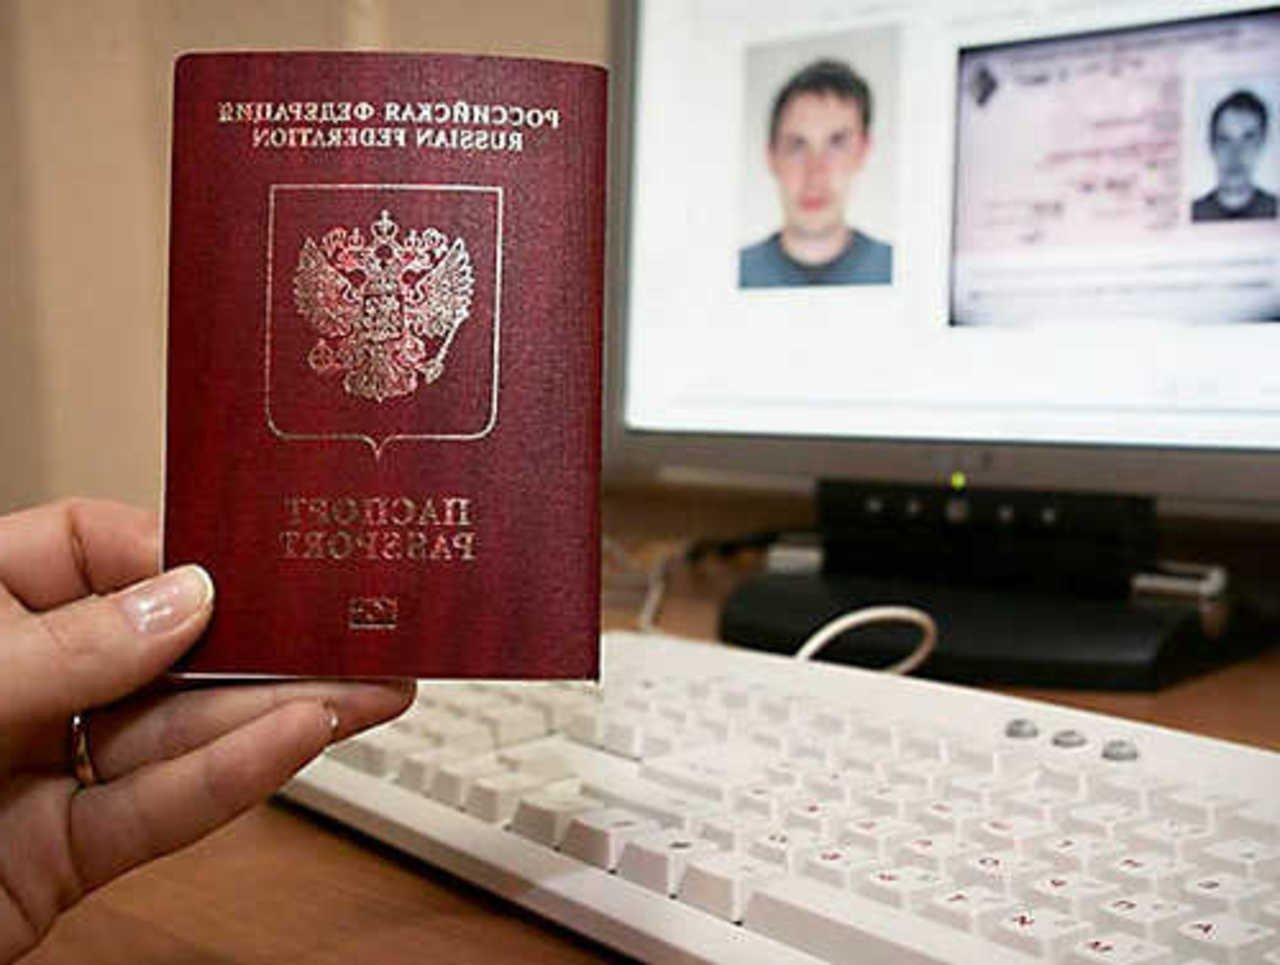 Как сделать в красноярске загранпаспорт фото 427